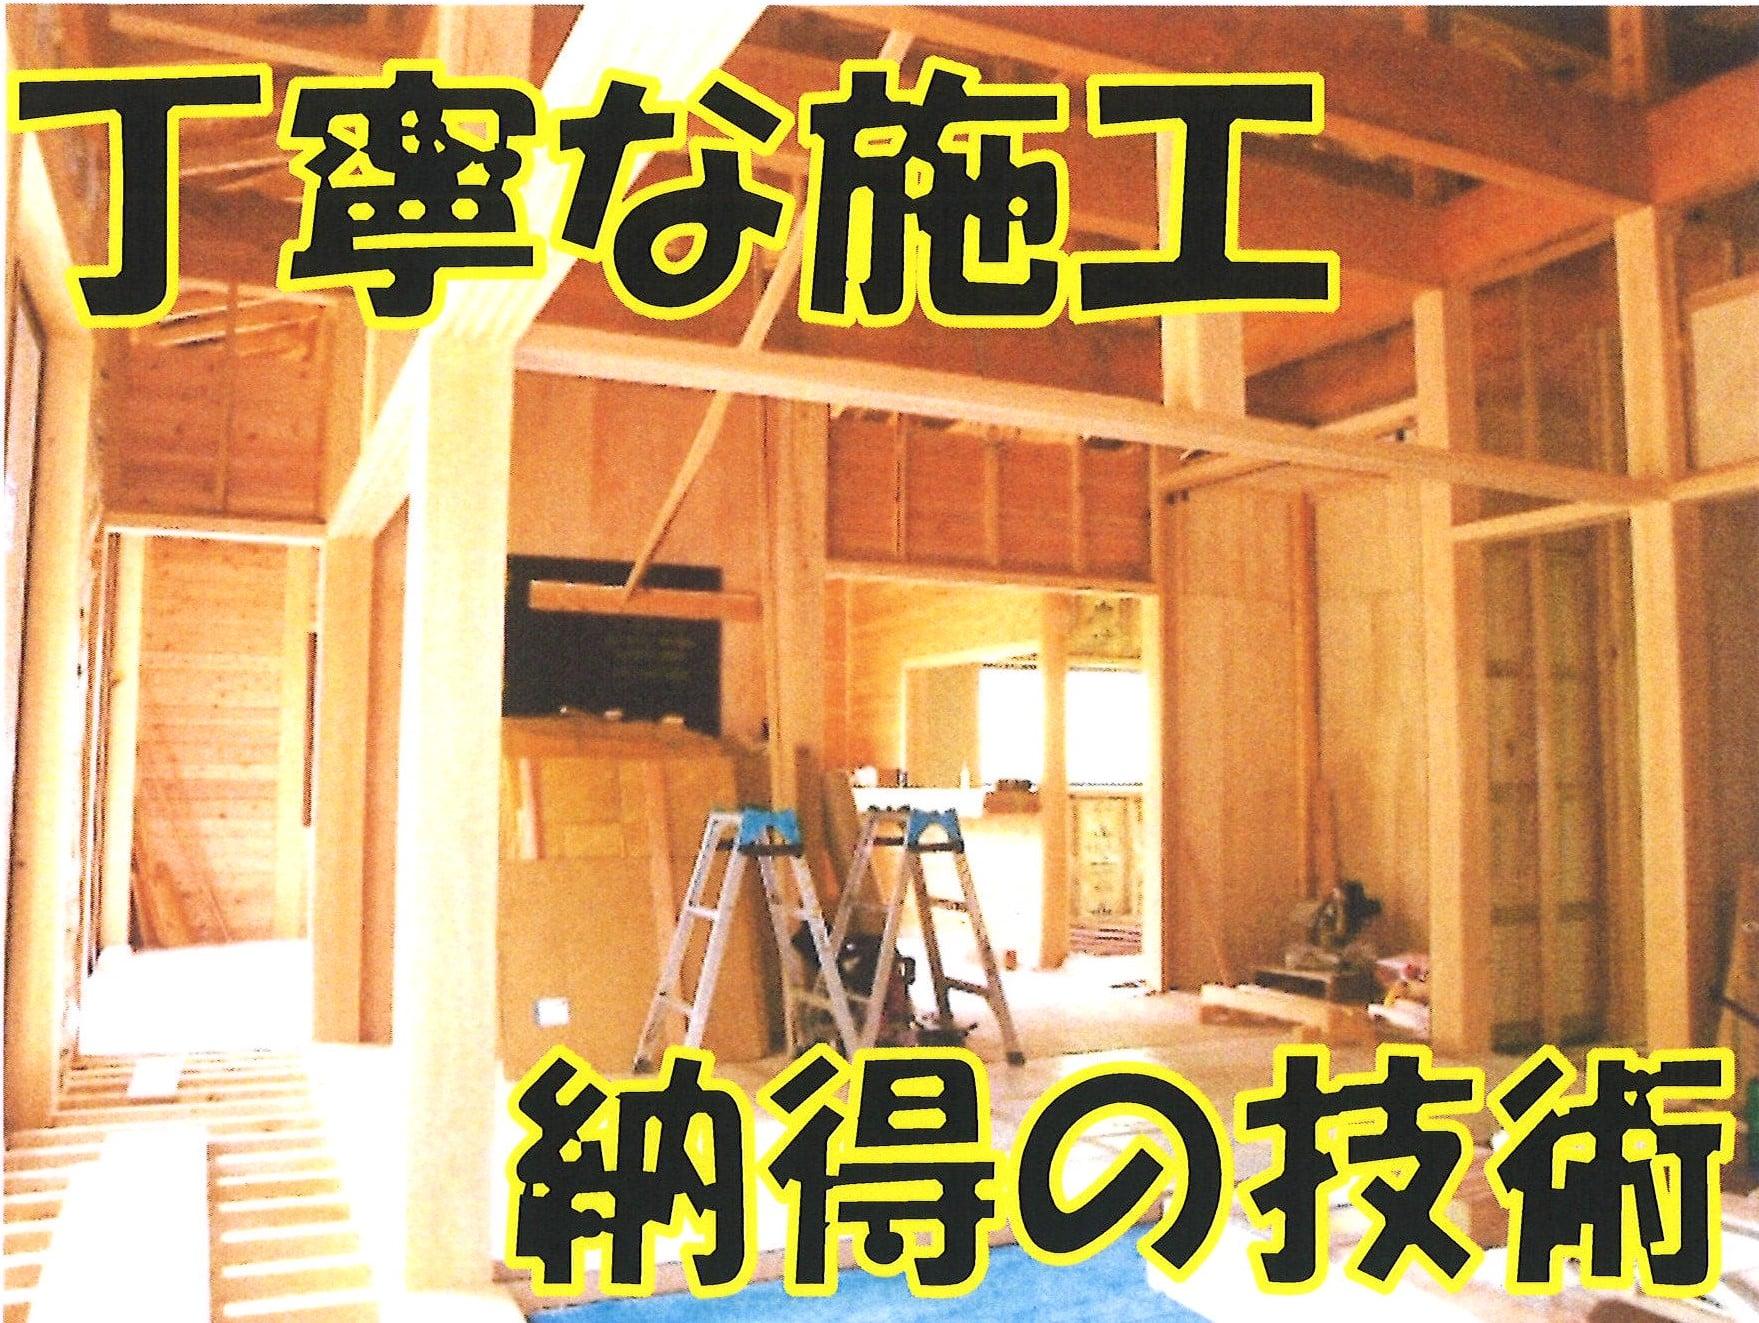 鮫島の仕事は・・・